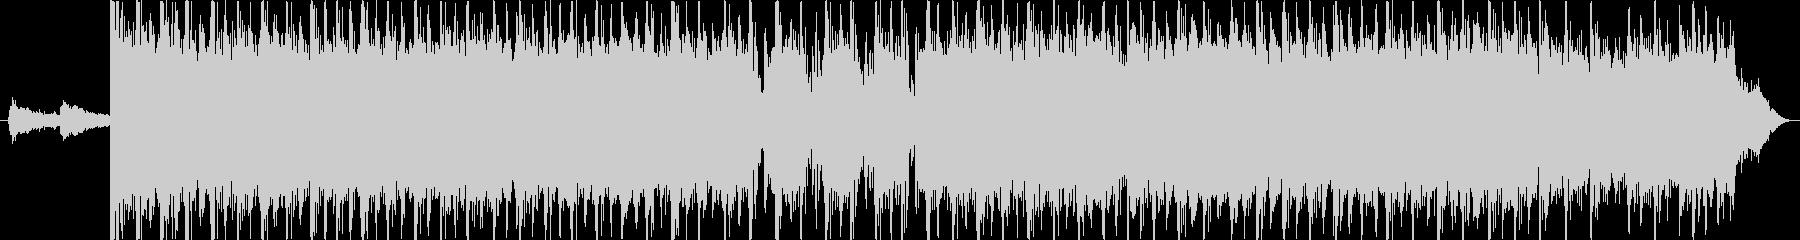 疾走感のあるスラッシュメタルのギターリフの未再生の波形